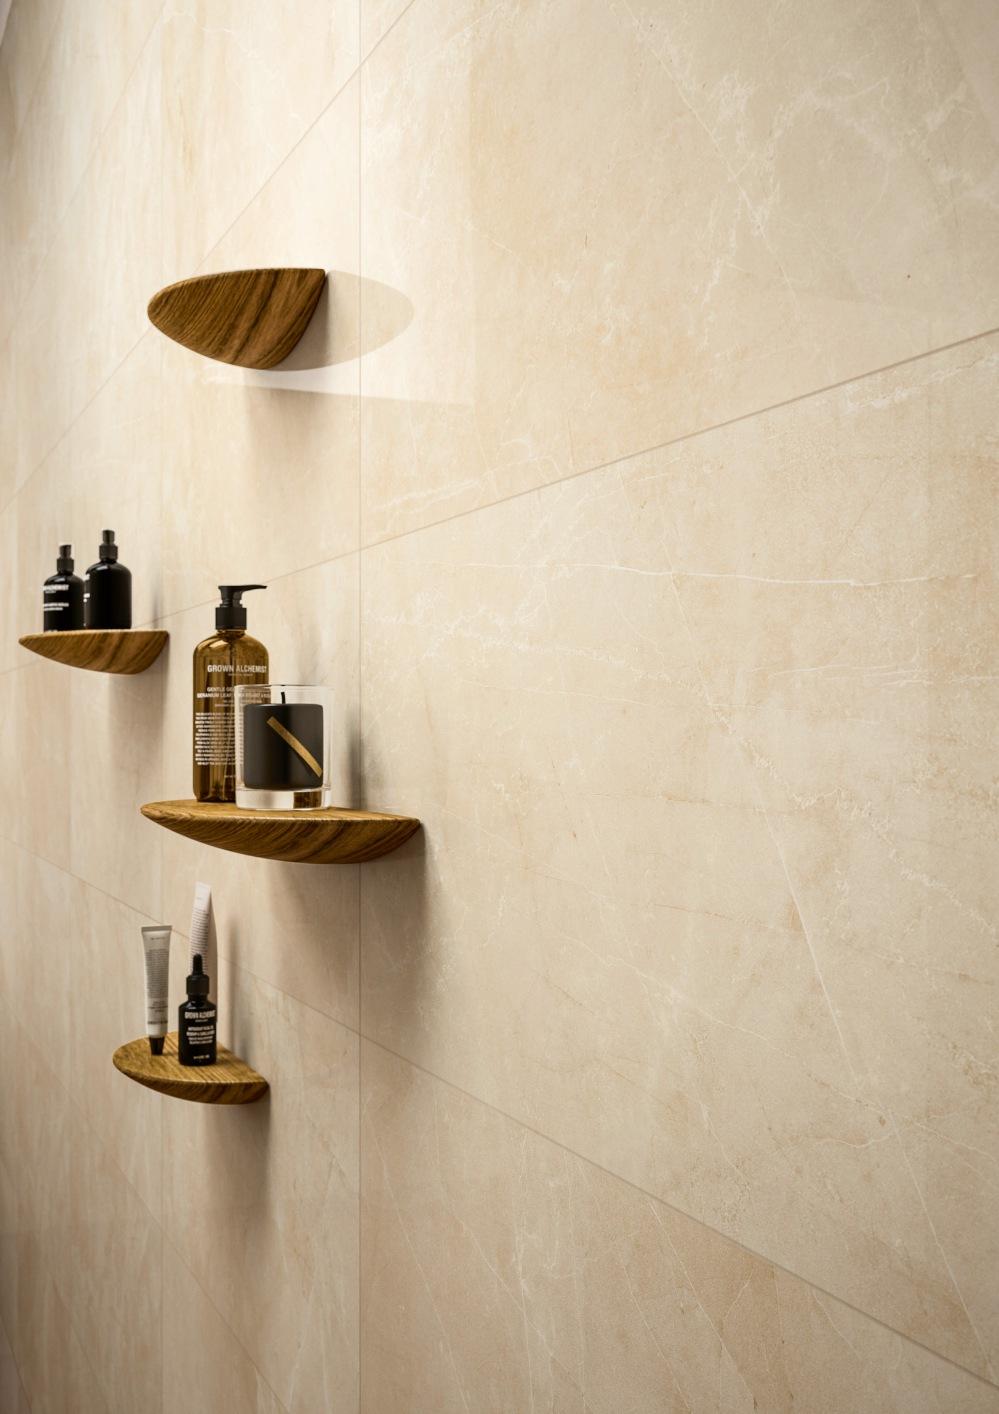 Vägg i badrum med beige marmorplatta. På väggen sitter också små hyllor med tvålpump och liknande.